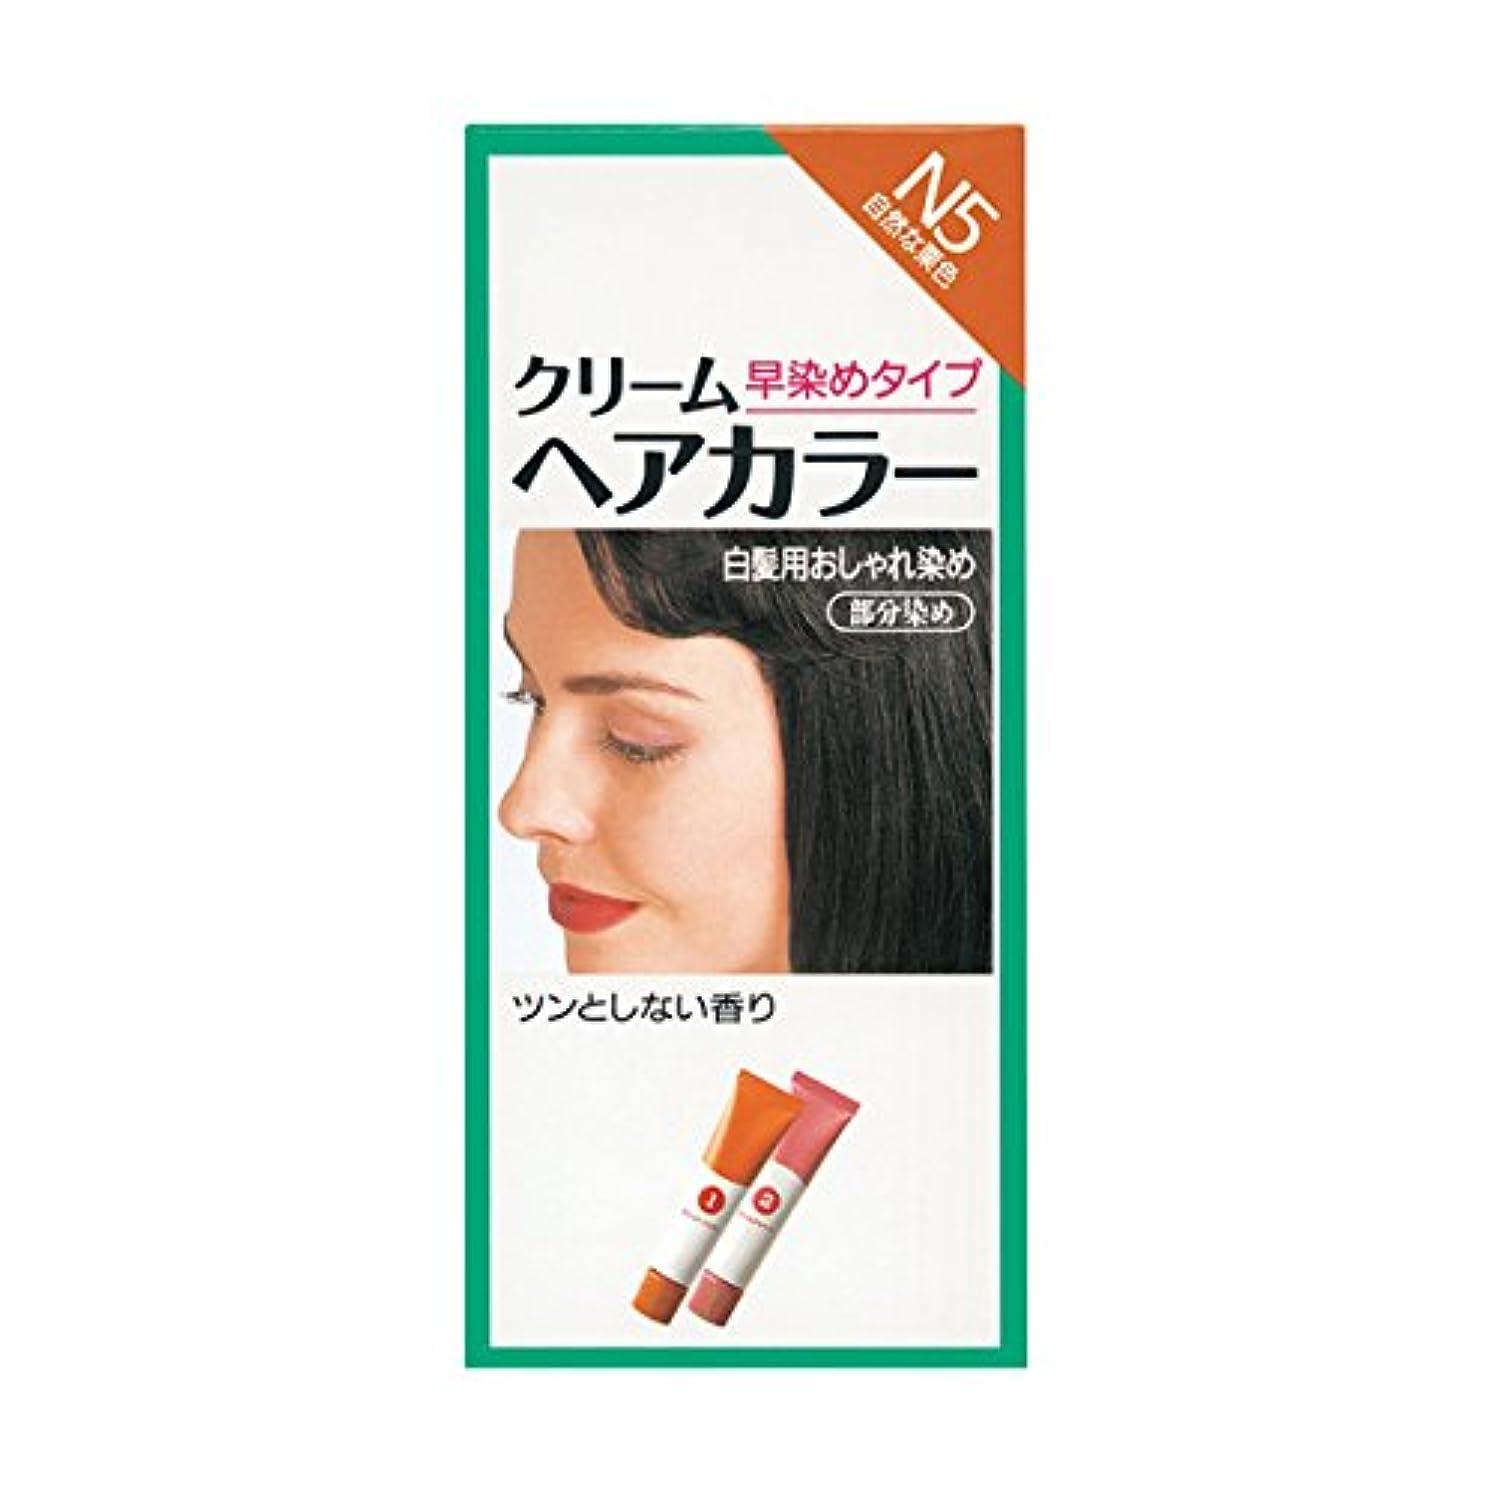 新年勇気のあるブラシヘアカラー クリームヘアカラーN N5 【医薬部外品】